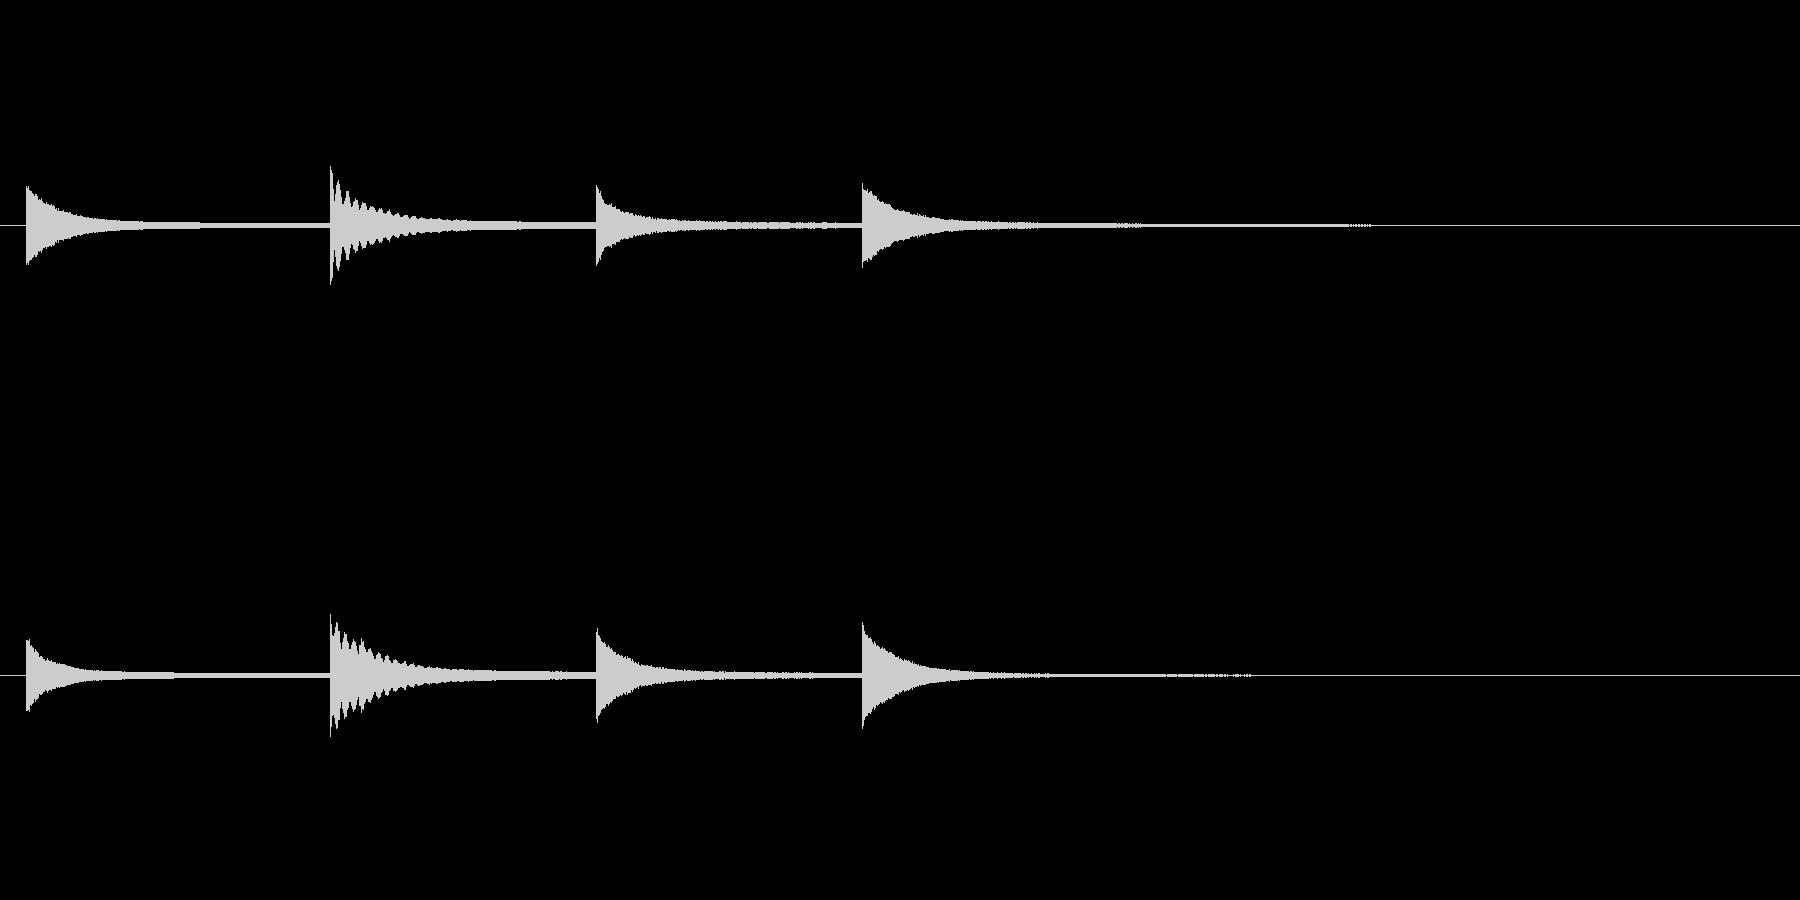 「キンコンカンコン」(高めの鐘)の未再生の波形